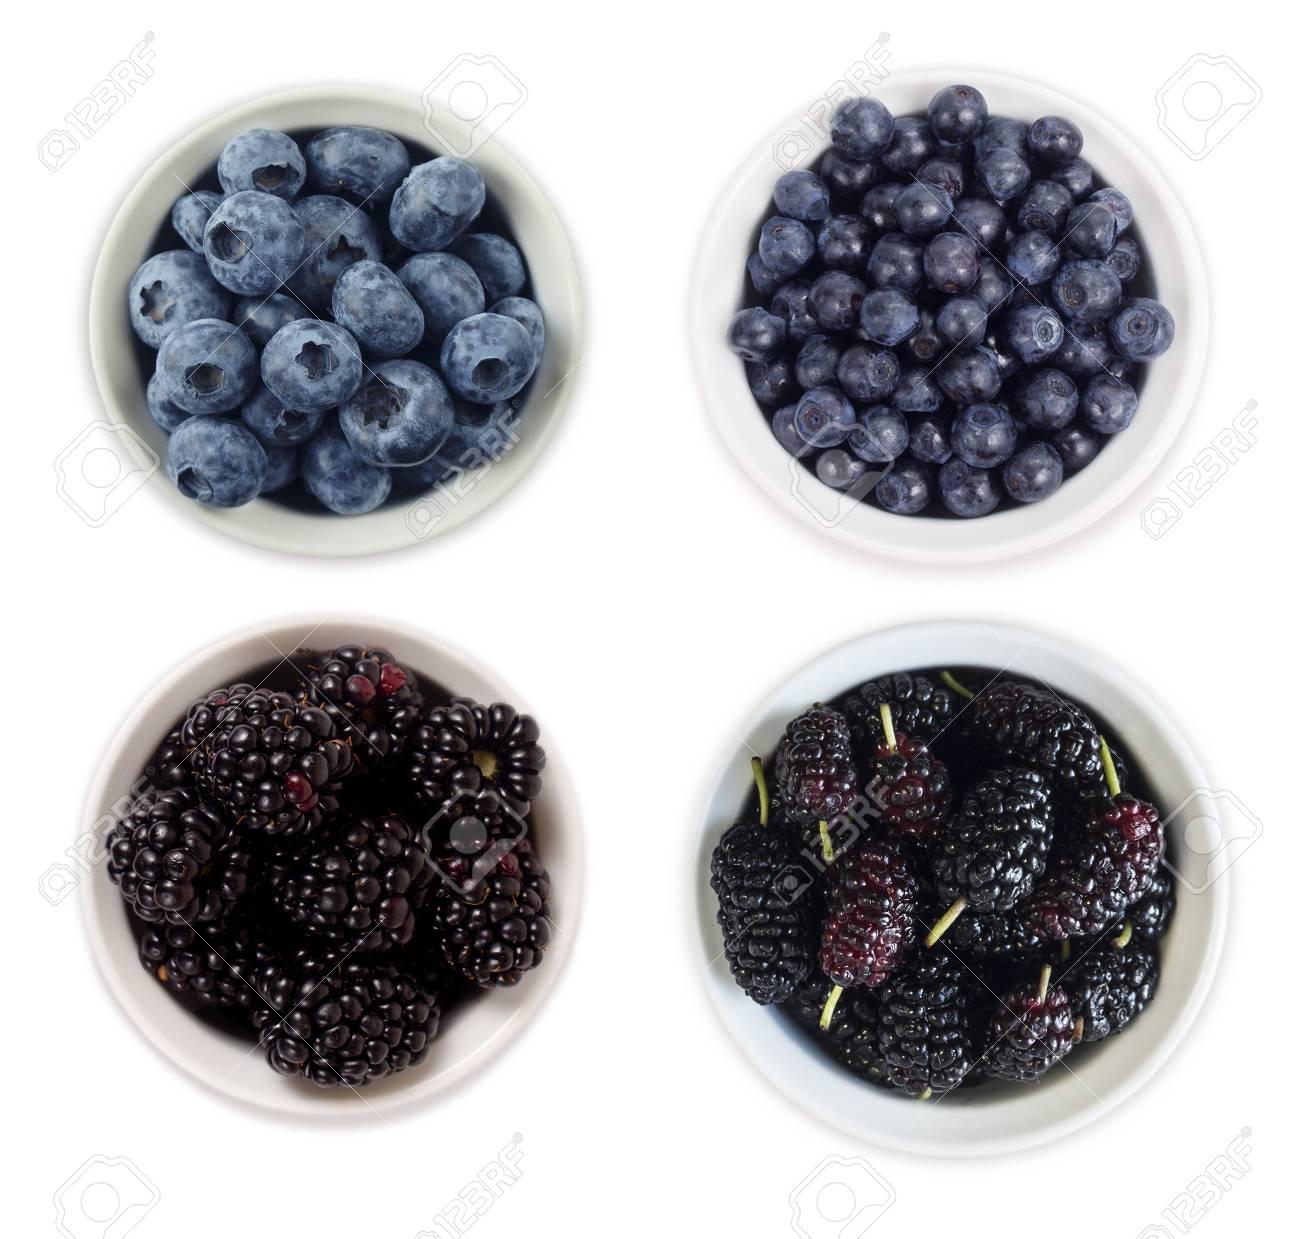 blackberries health benefits